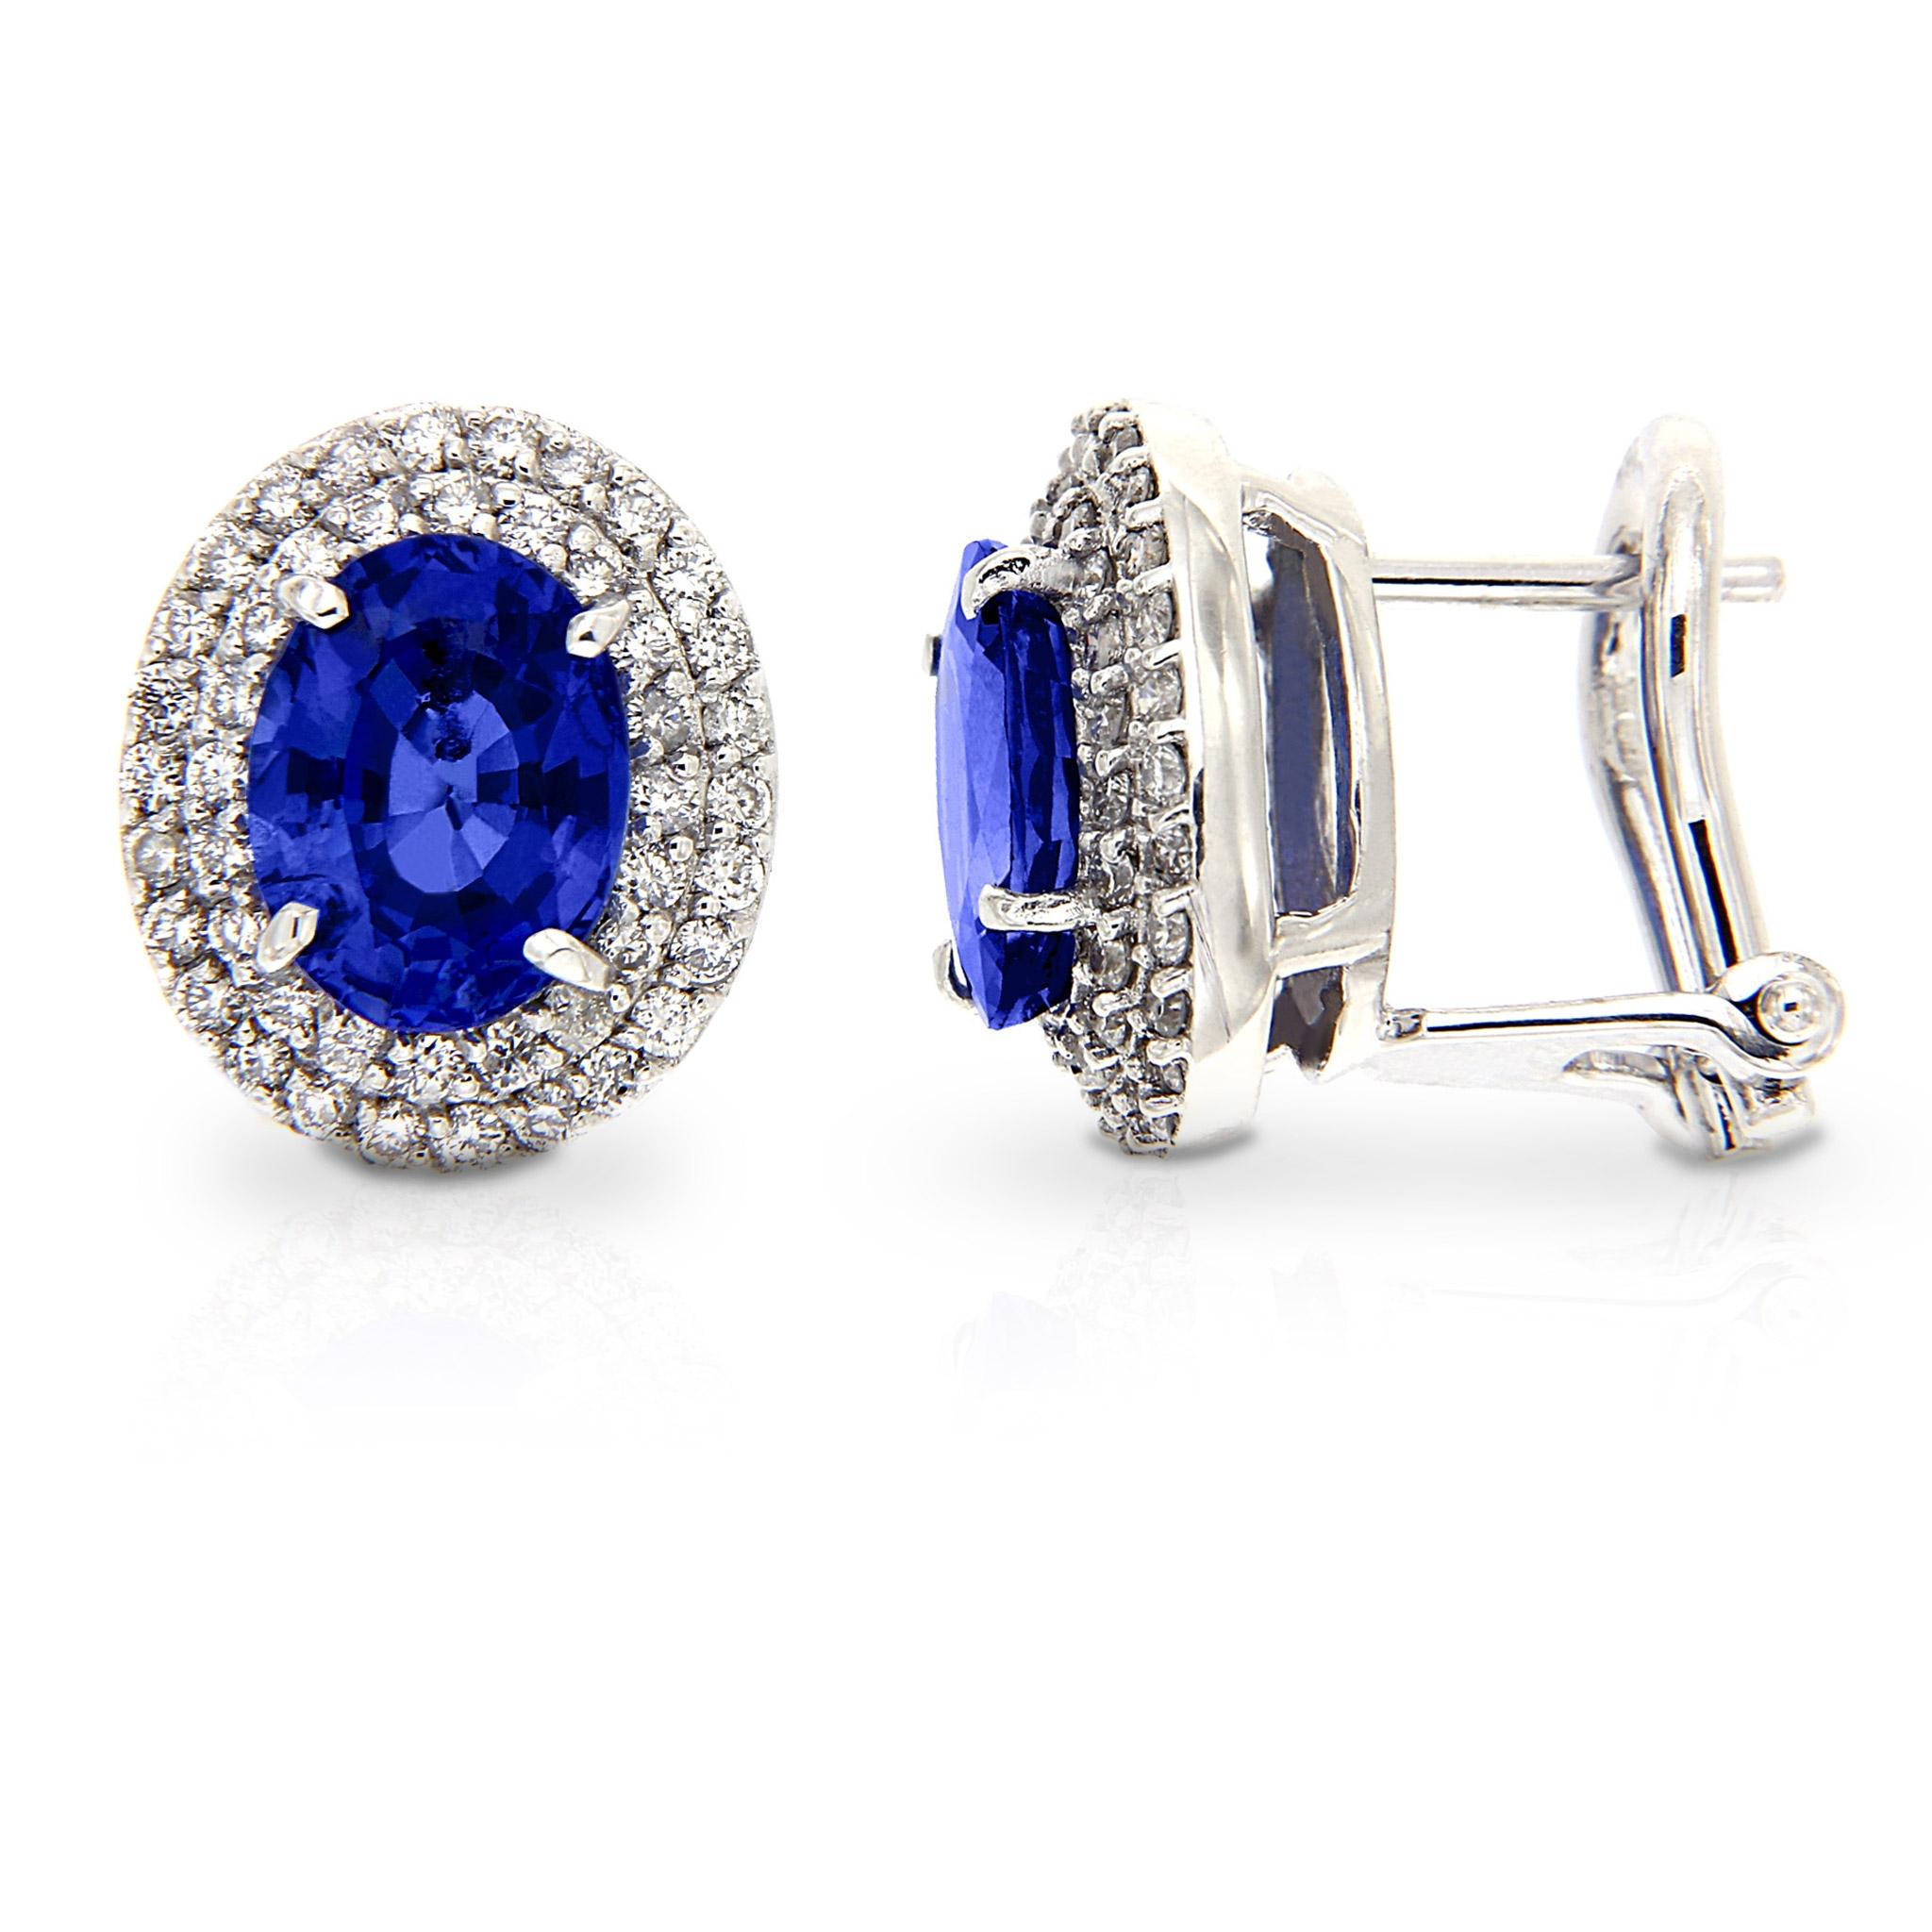 Orecchini con Zaffiro e Diamanti Linea Irma